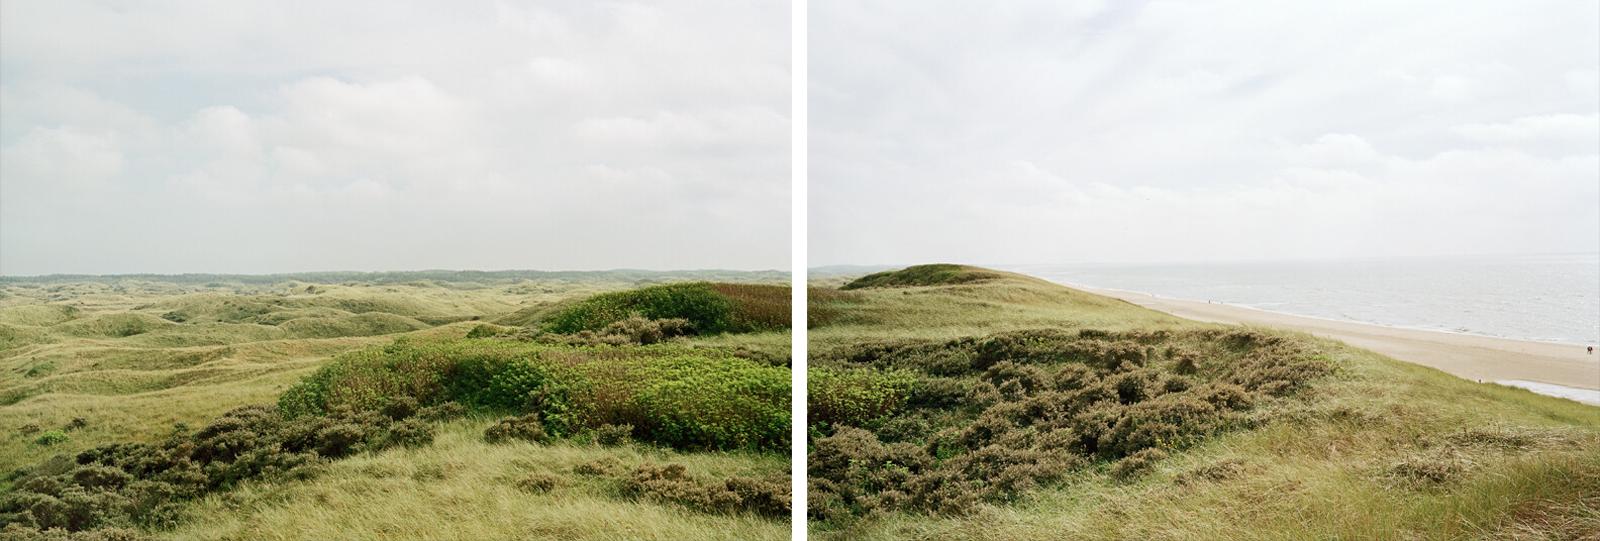 Westerduinen 1 - Jan Koster